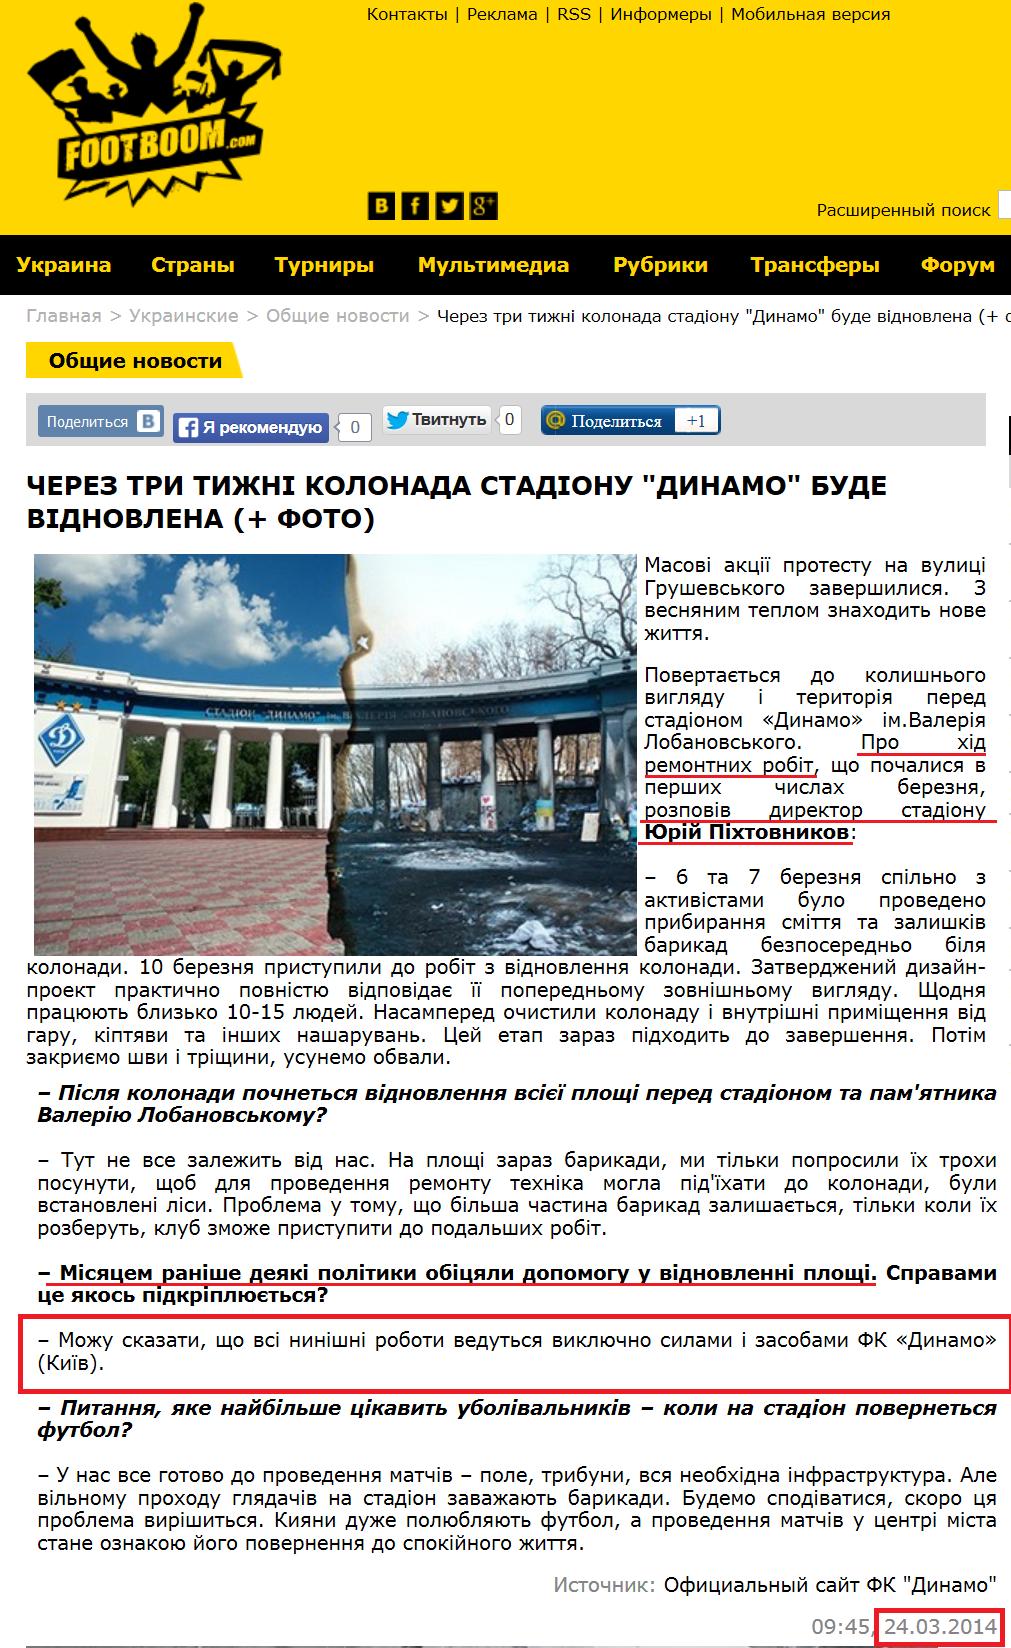 http://www.footboom.com/ukrainian/news/24-03-2014-Cherez-try-tyzhni-kolonada-stadionu-Dynamo-bude-vidnovlena-foto.html